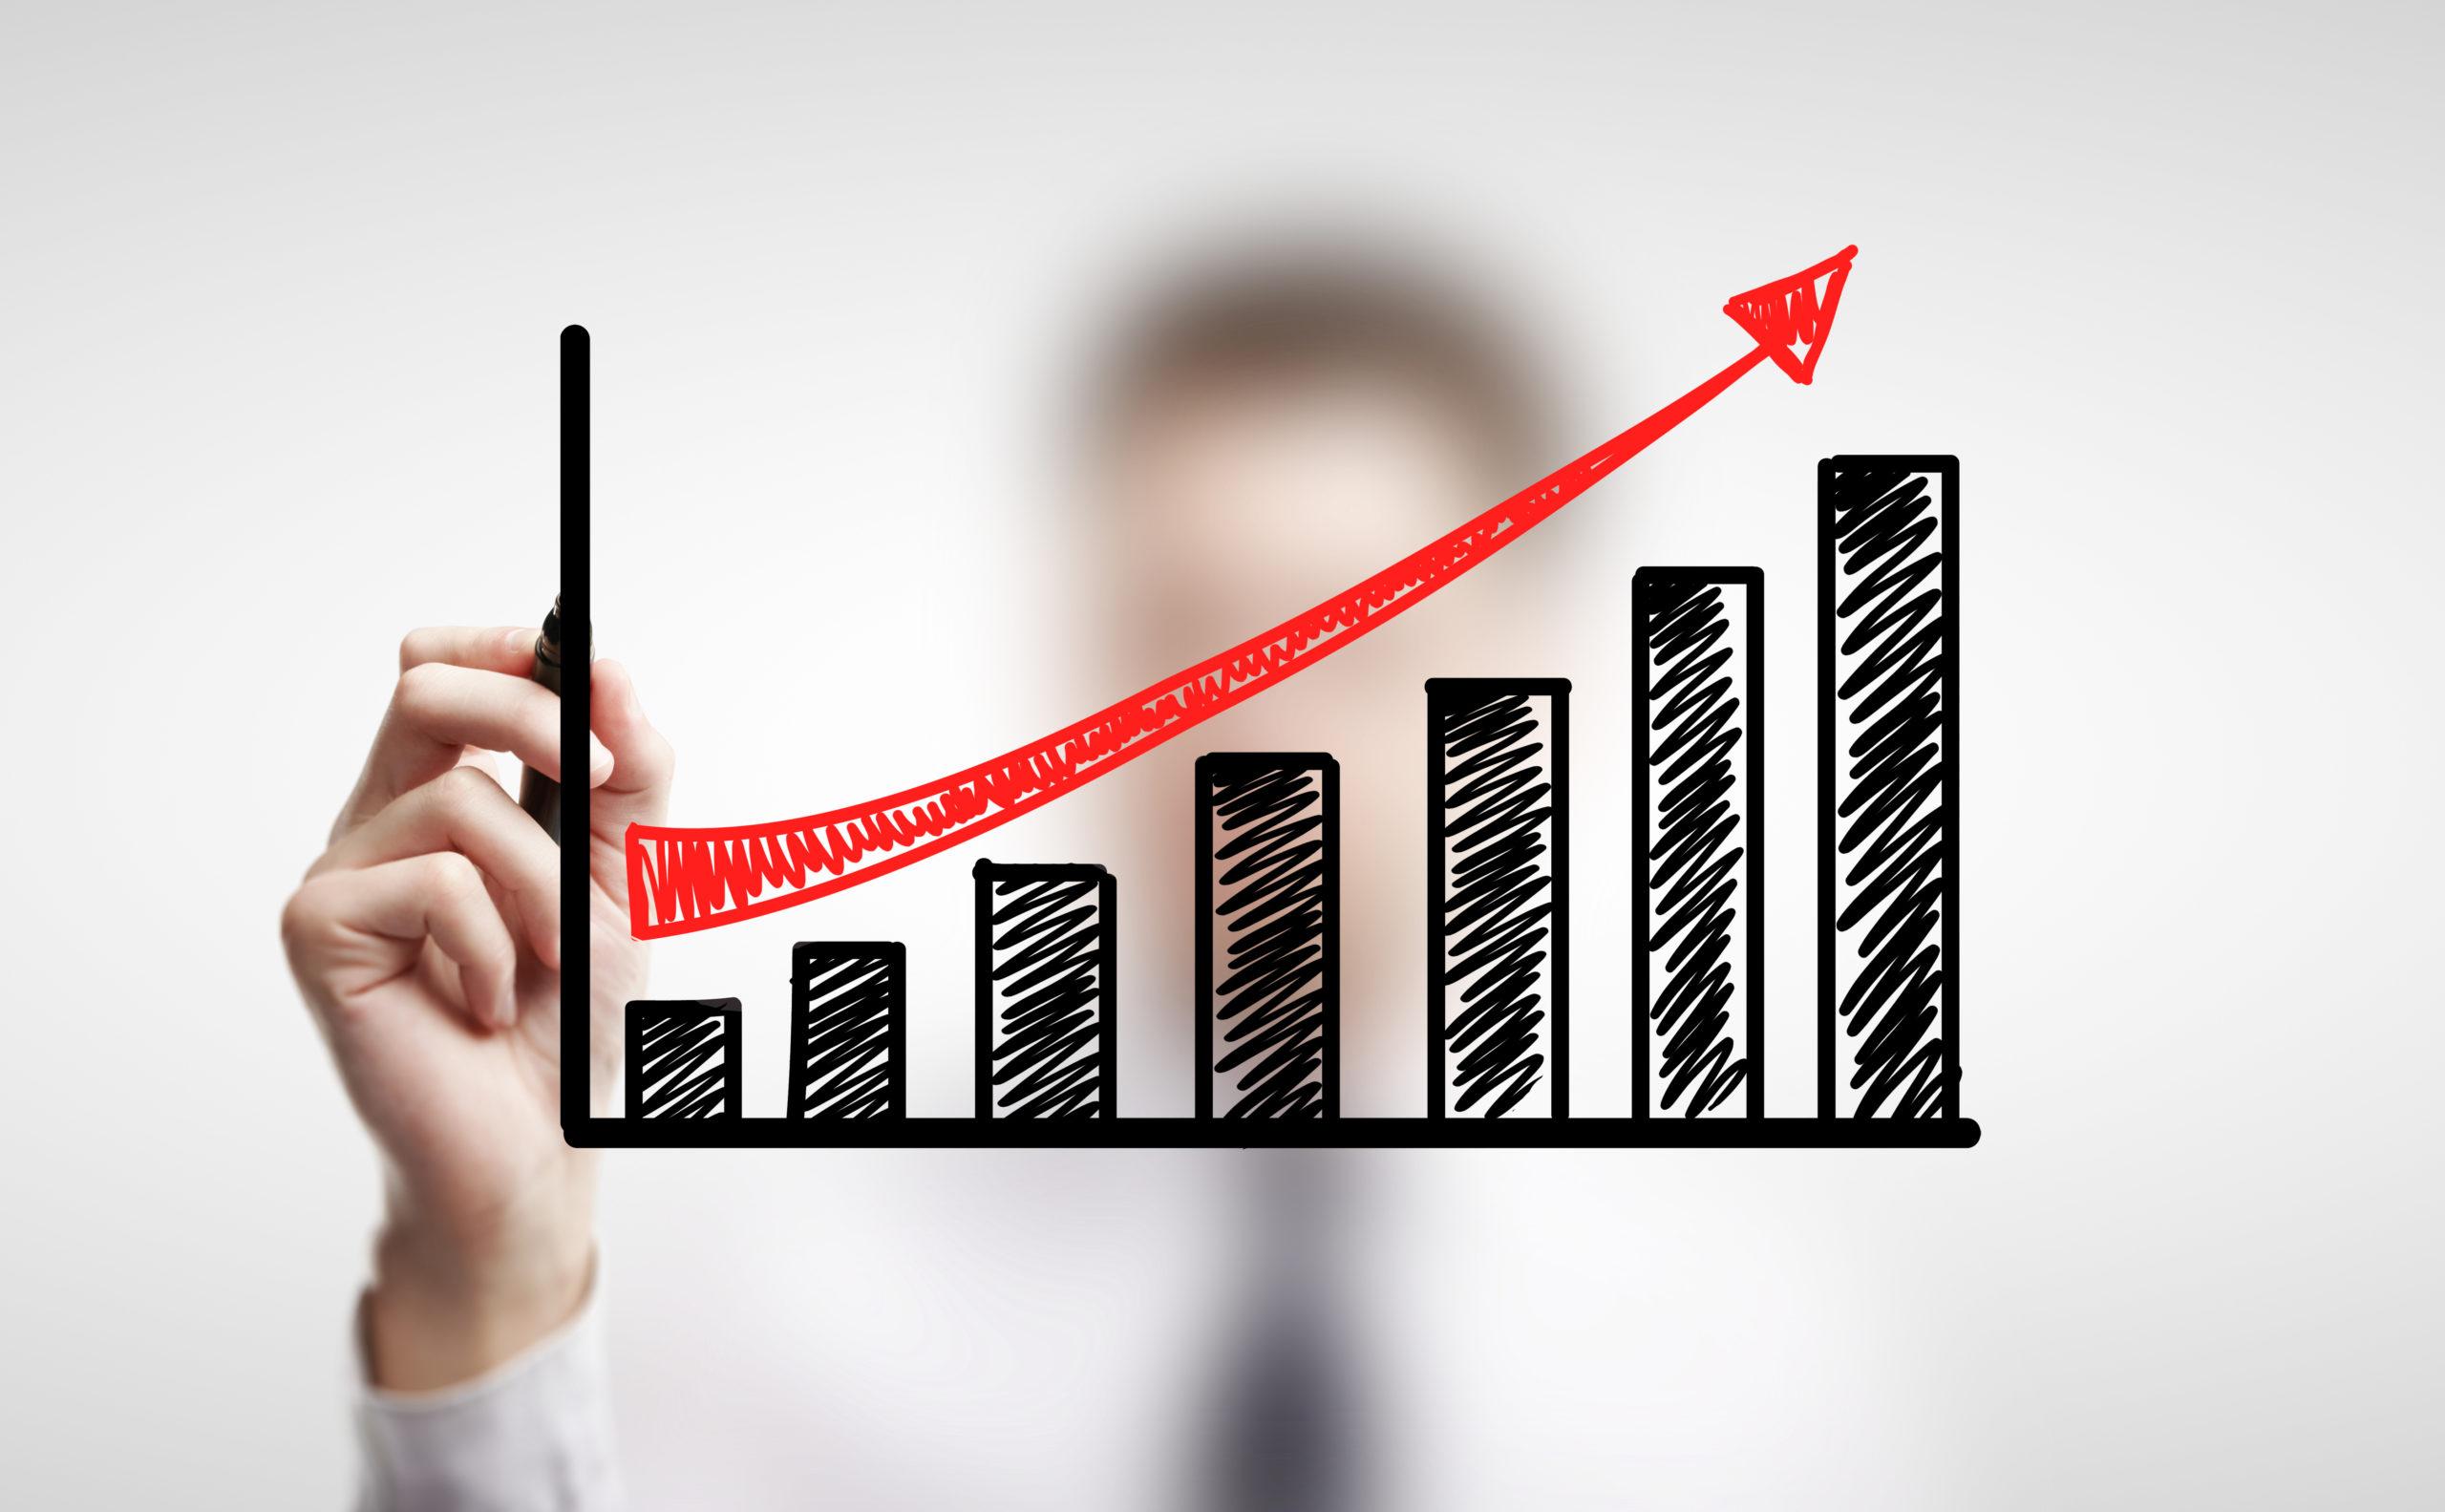 АКРА подтвердило кредитный рейтинг Тверской области на позитивном уровне